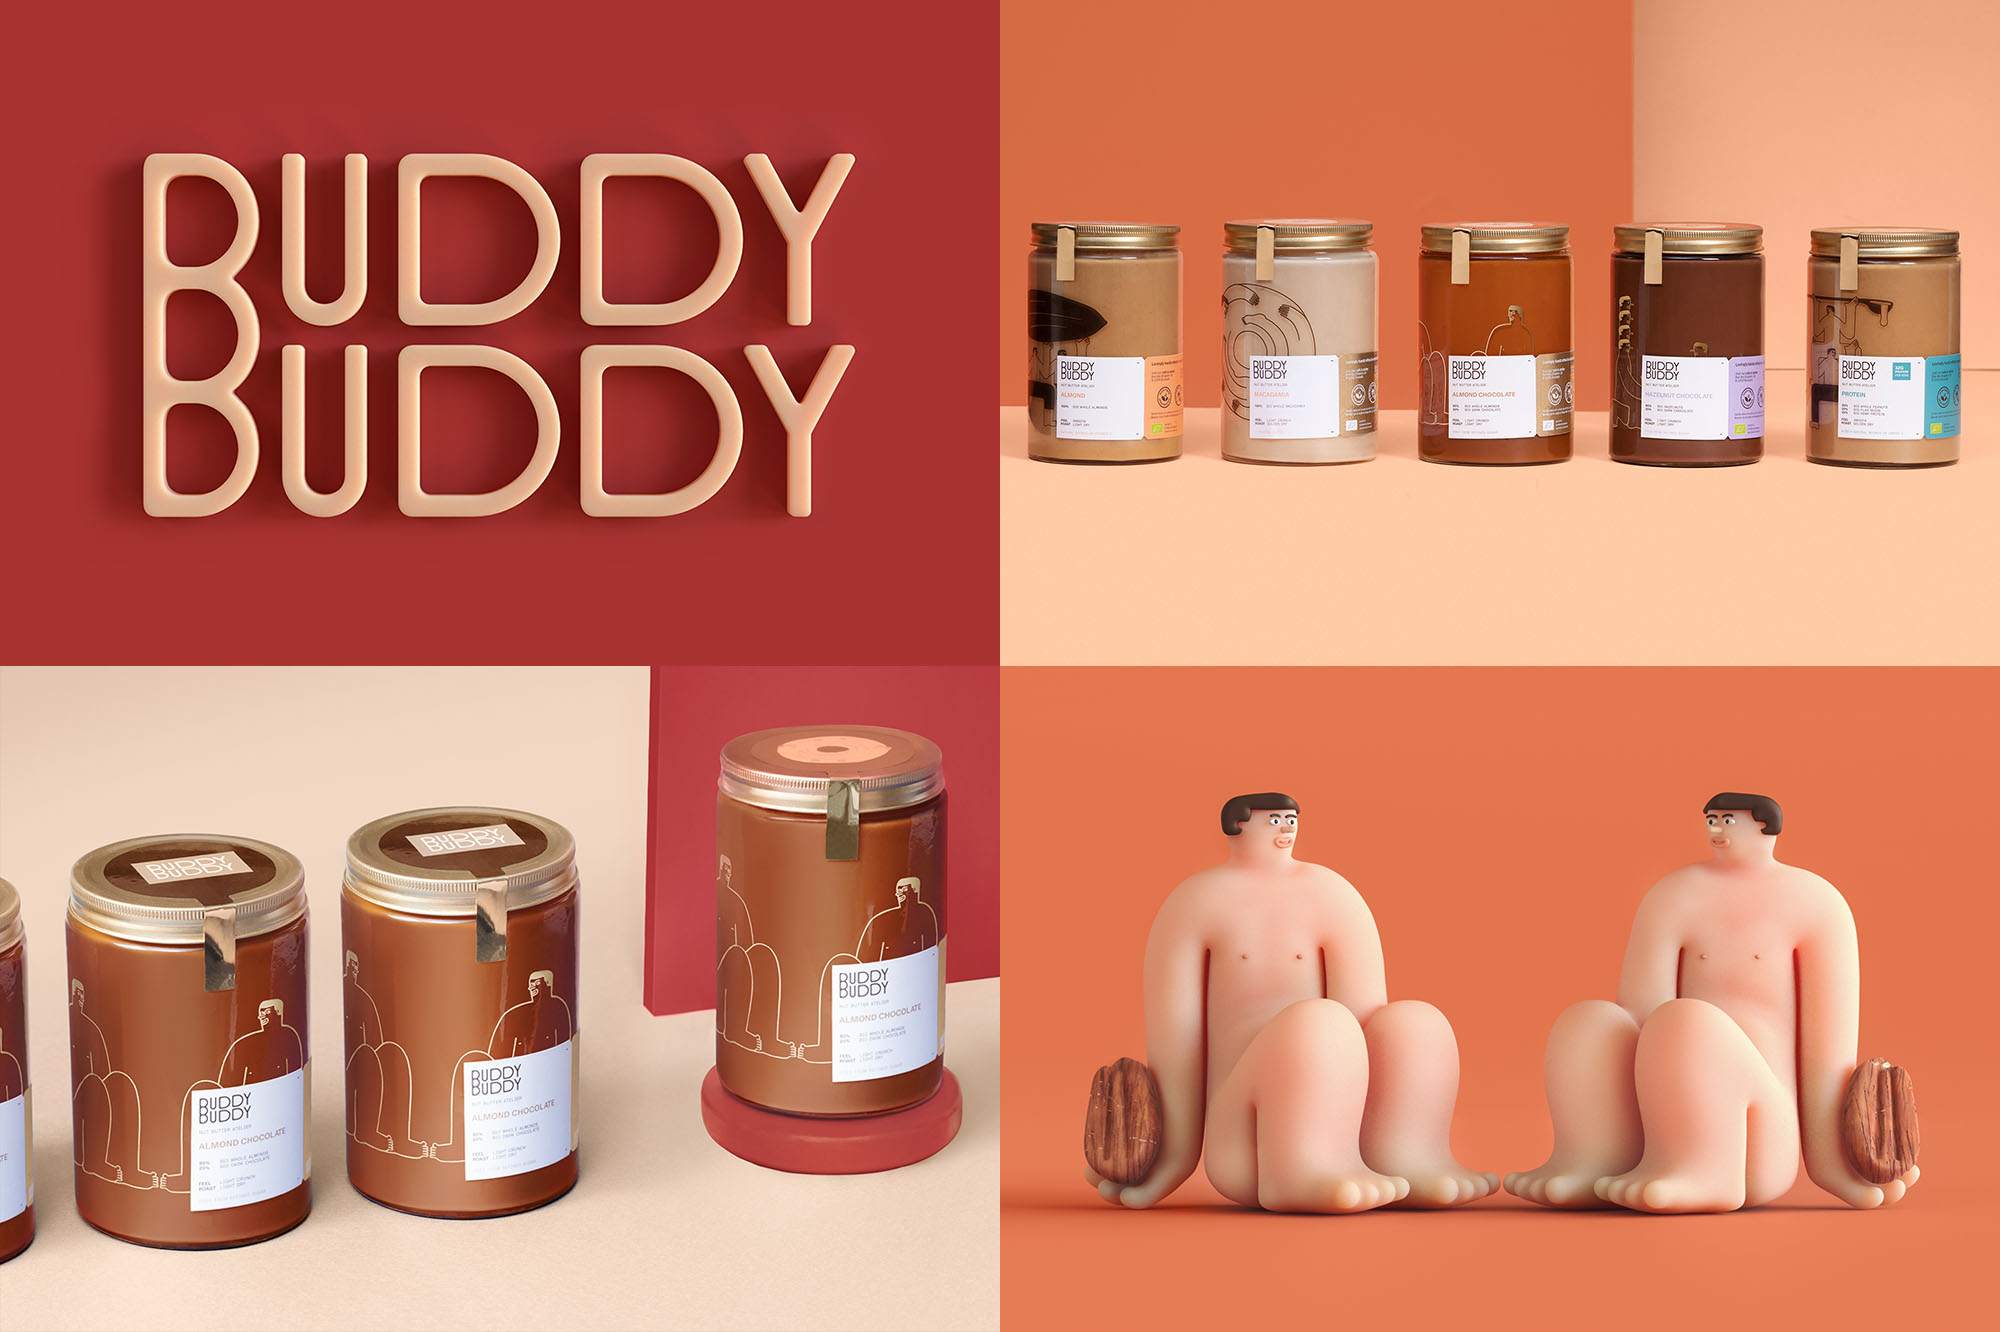 Buddy Buddy by Futura